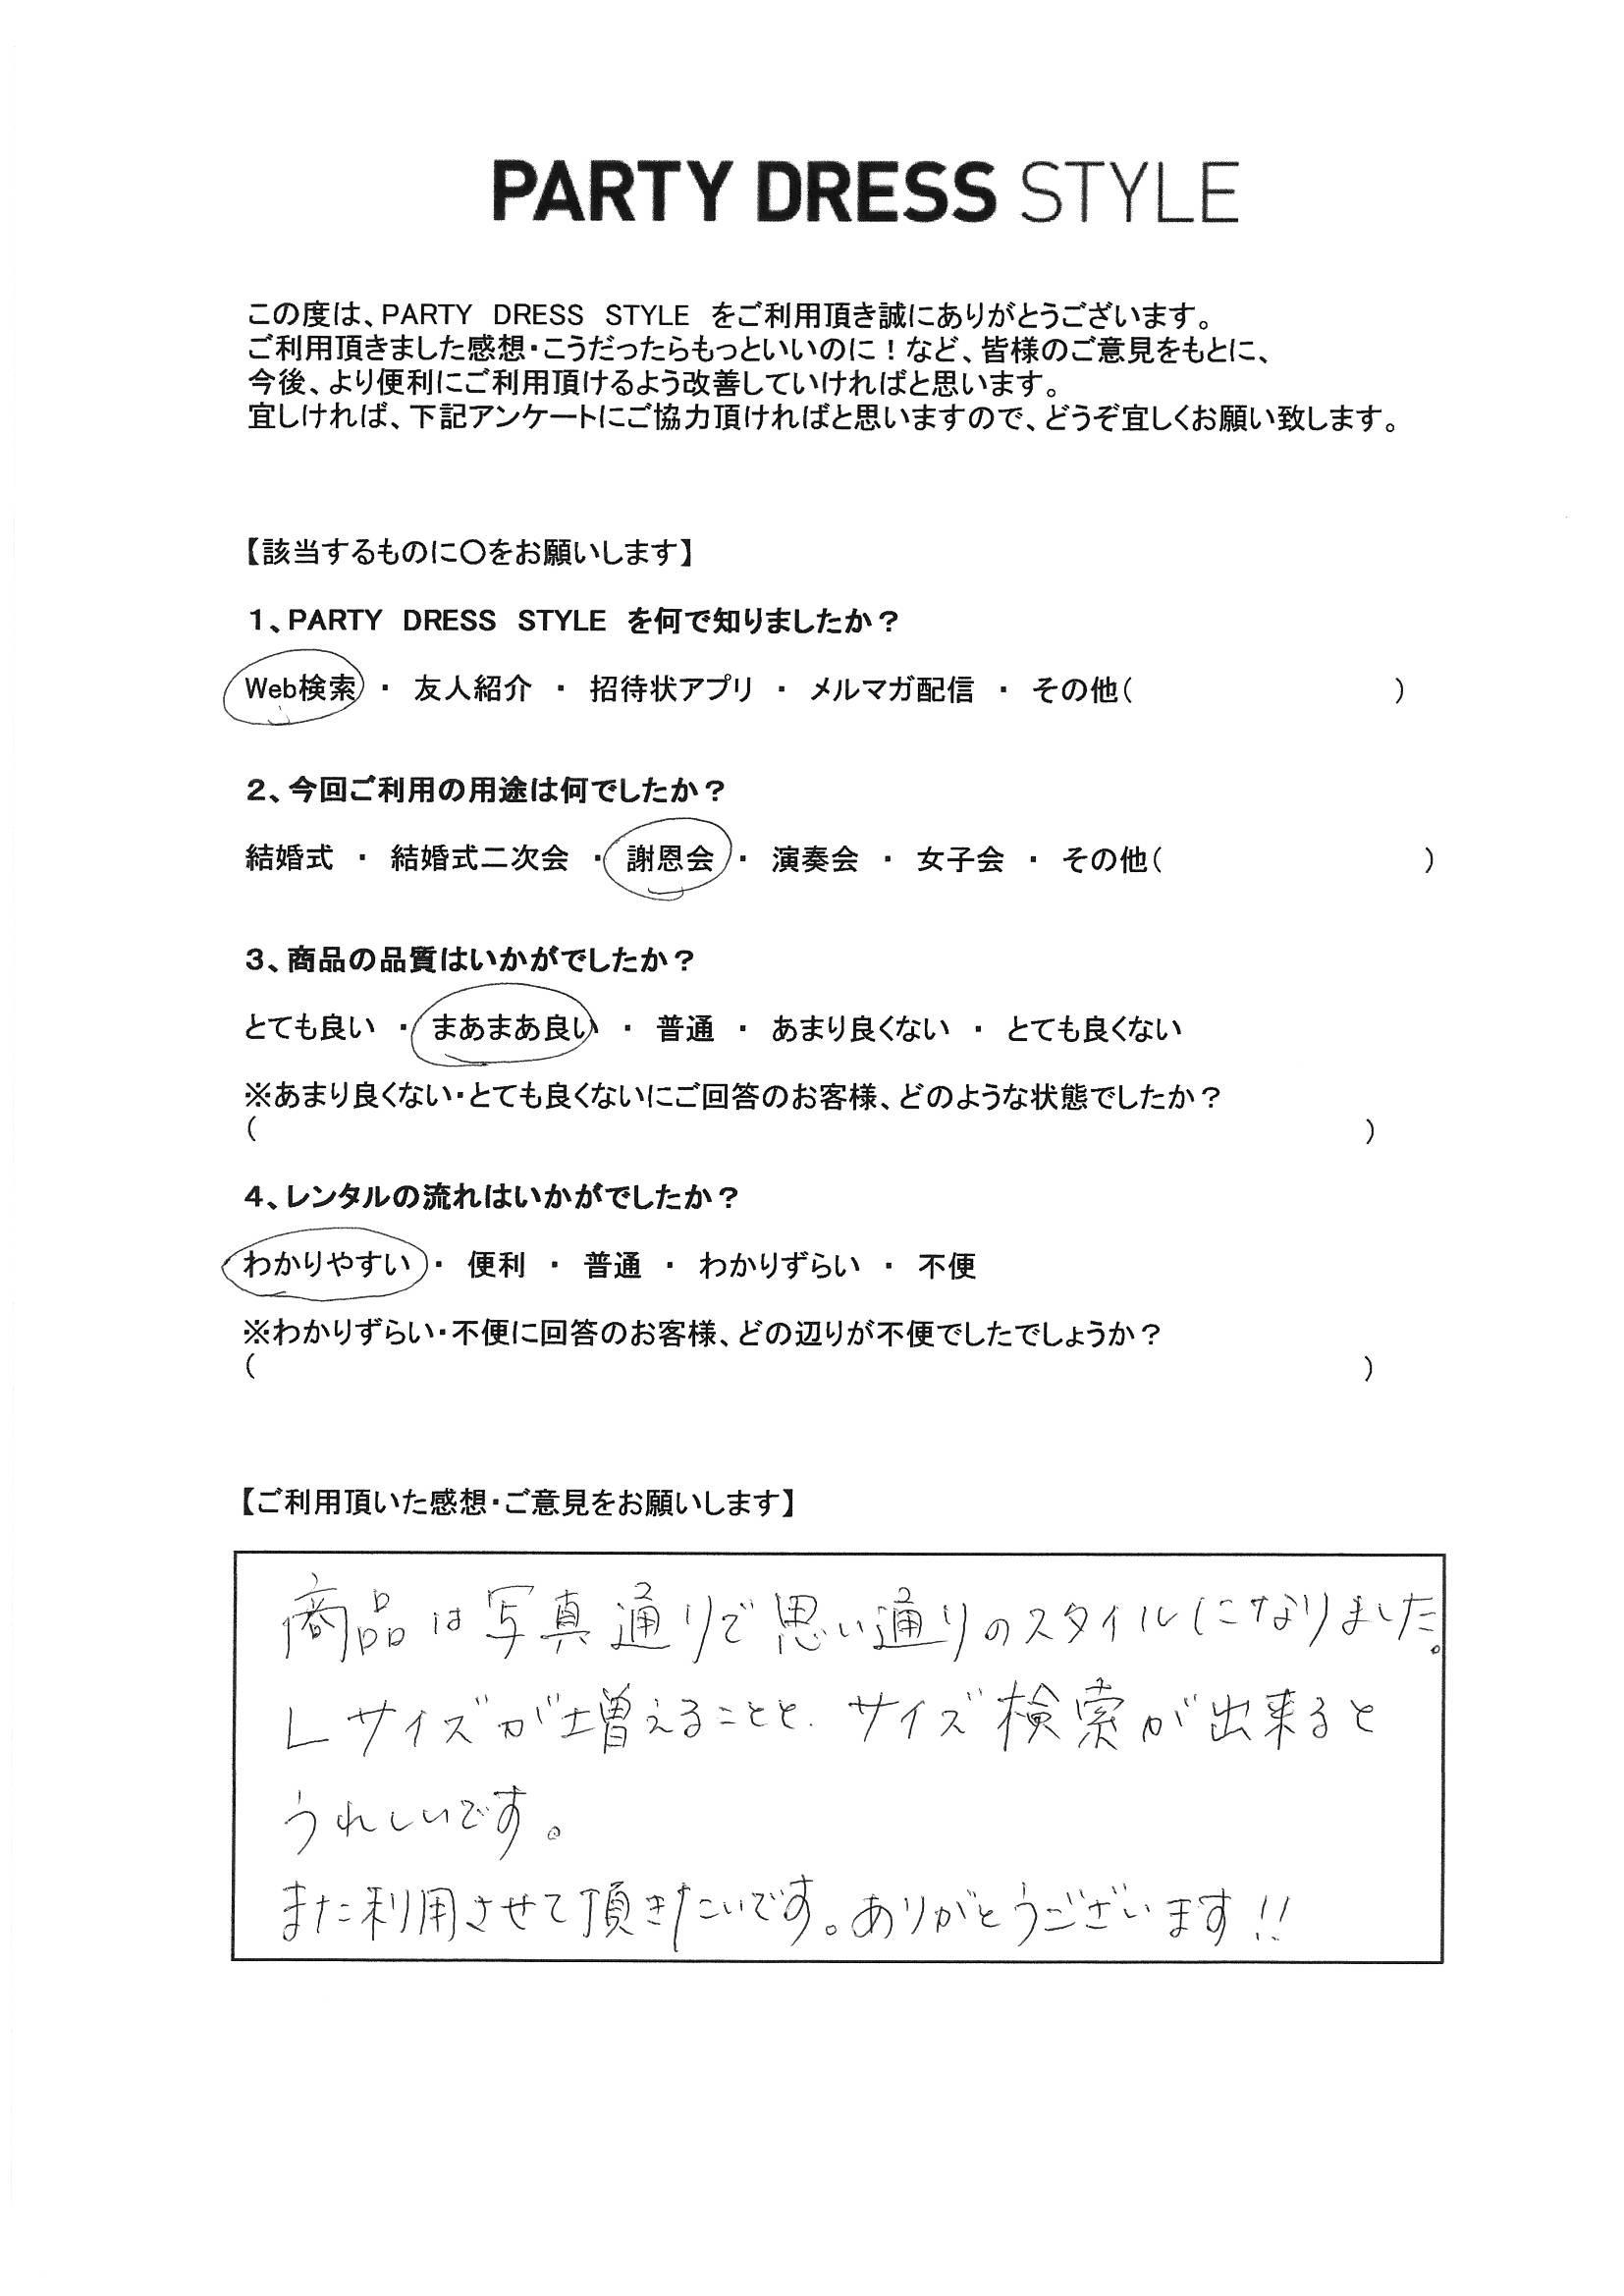 3月No.5謝恩会ご利用 千葉エリア